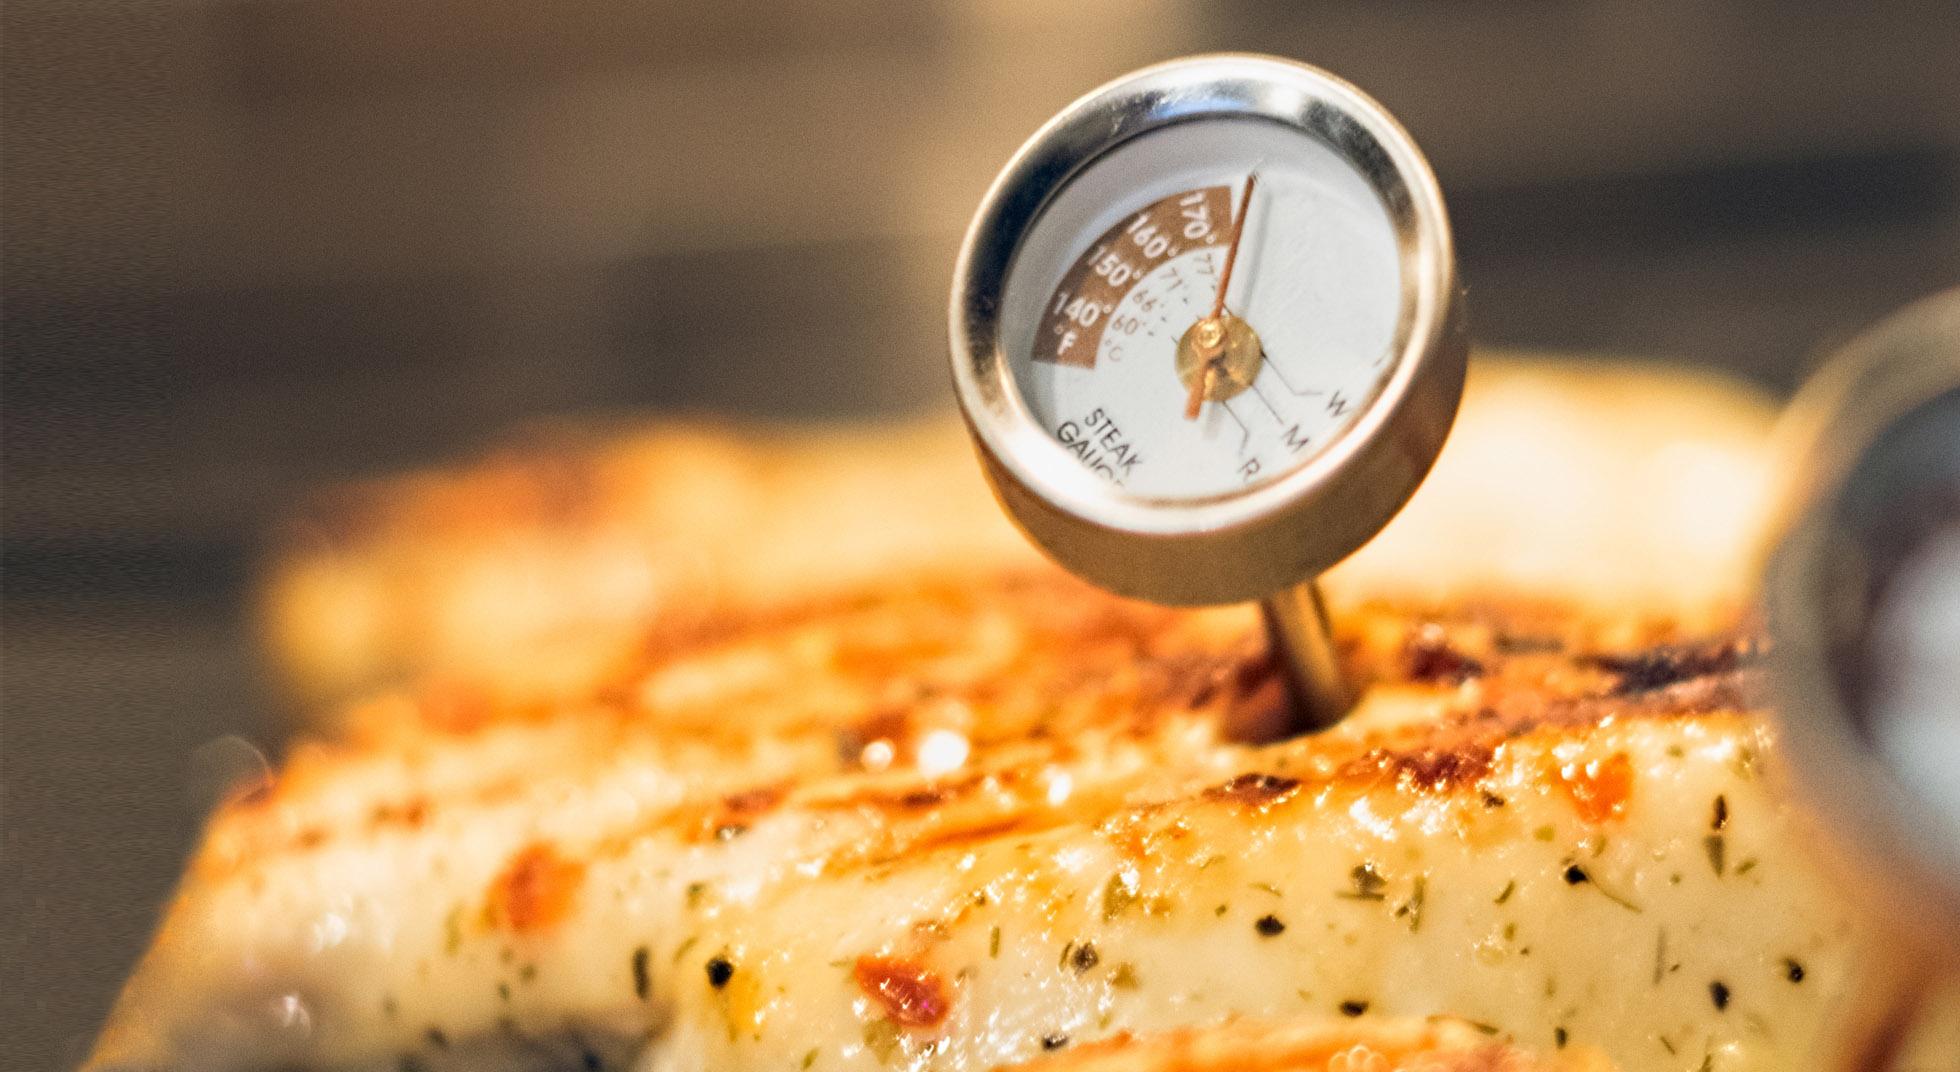 Termometro da cucina tutti i segreti per utilizzarlo - Termometri da cucina ...